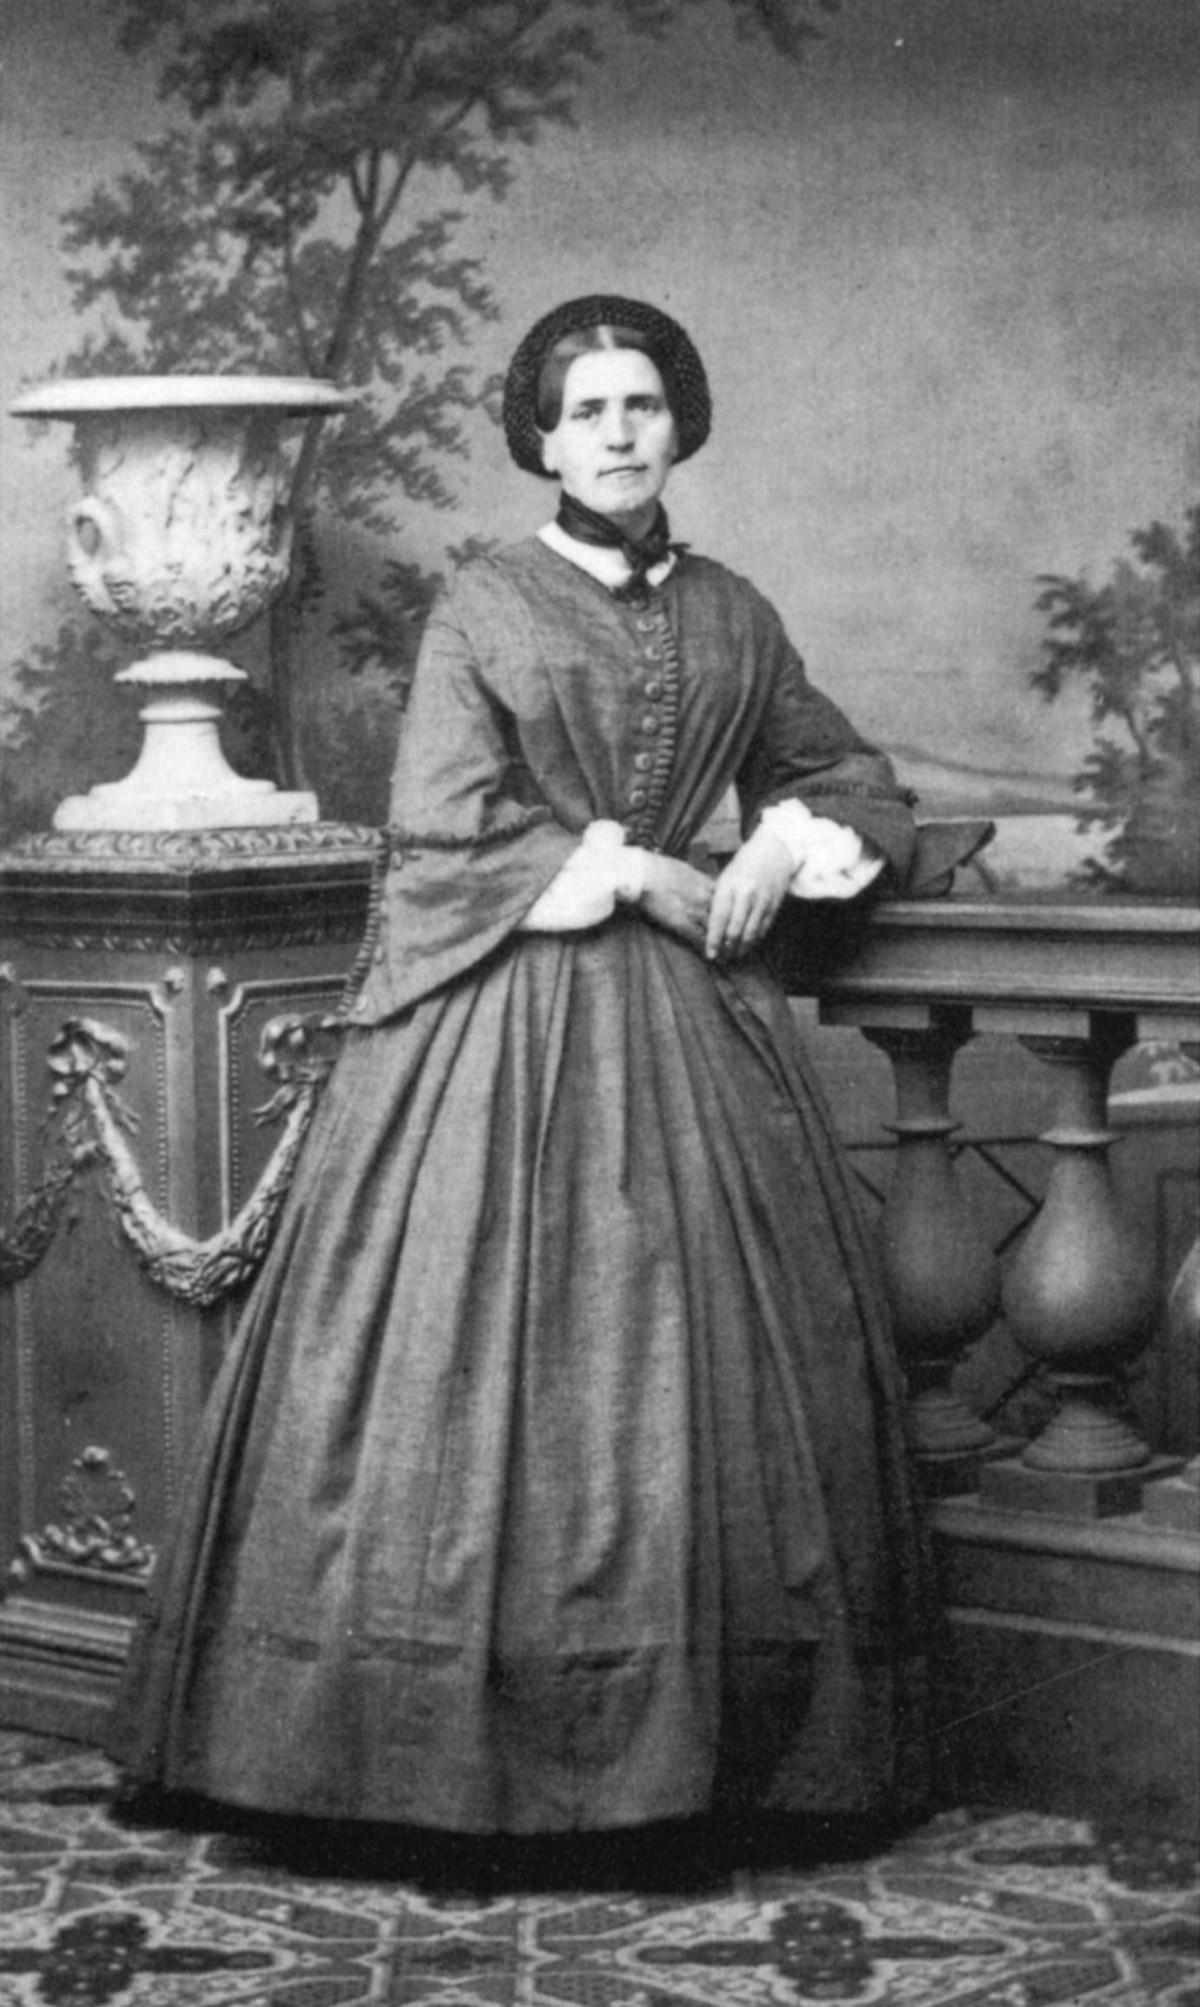 Foto: Johannes Ganz (1821-1886),Quelle: http://www.zeno.org